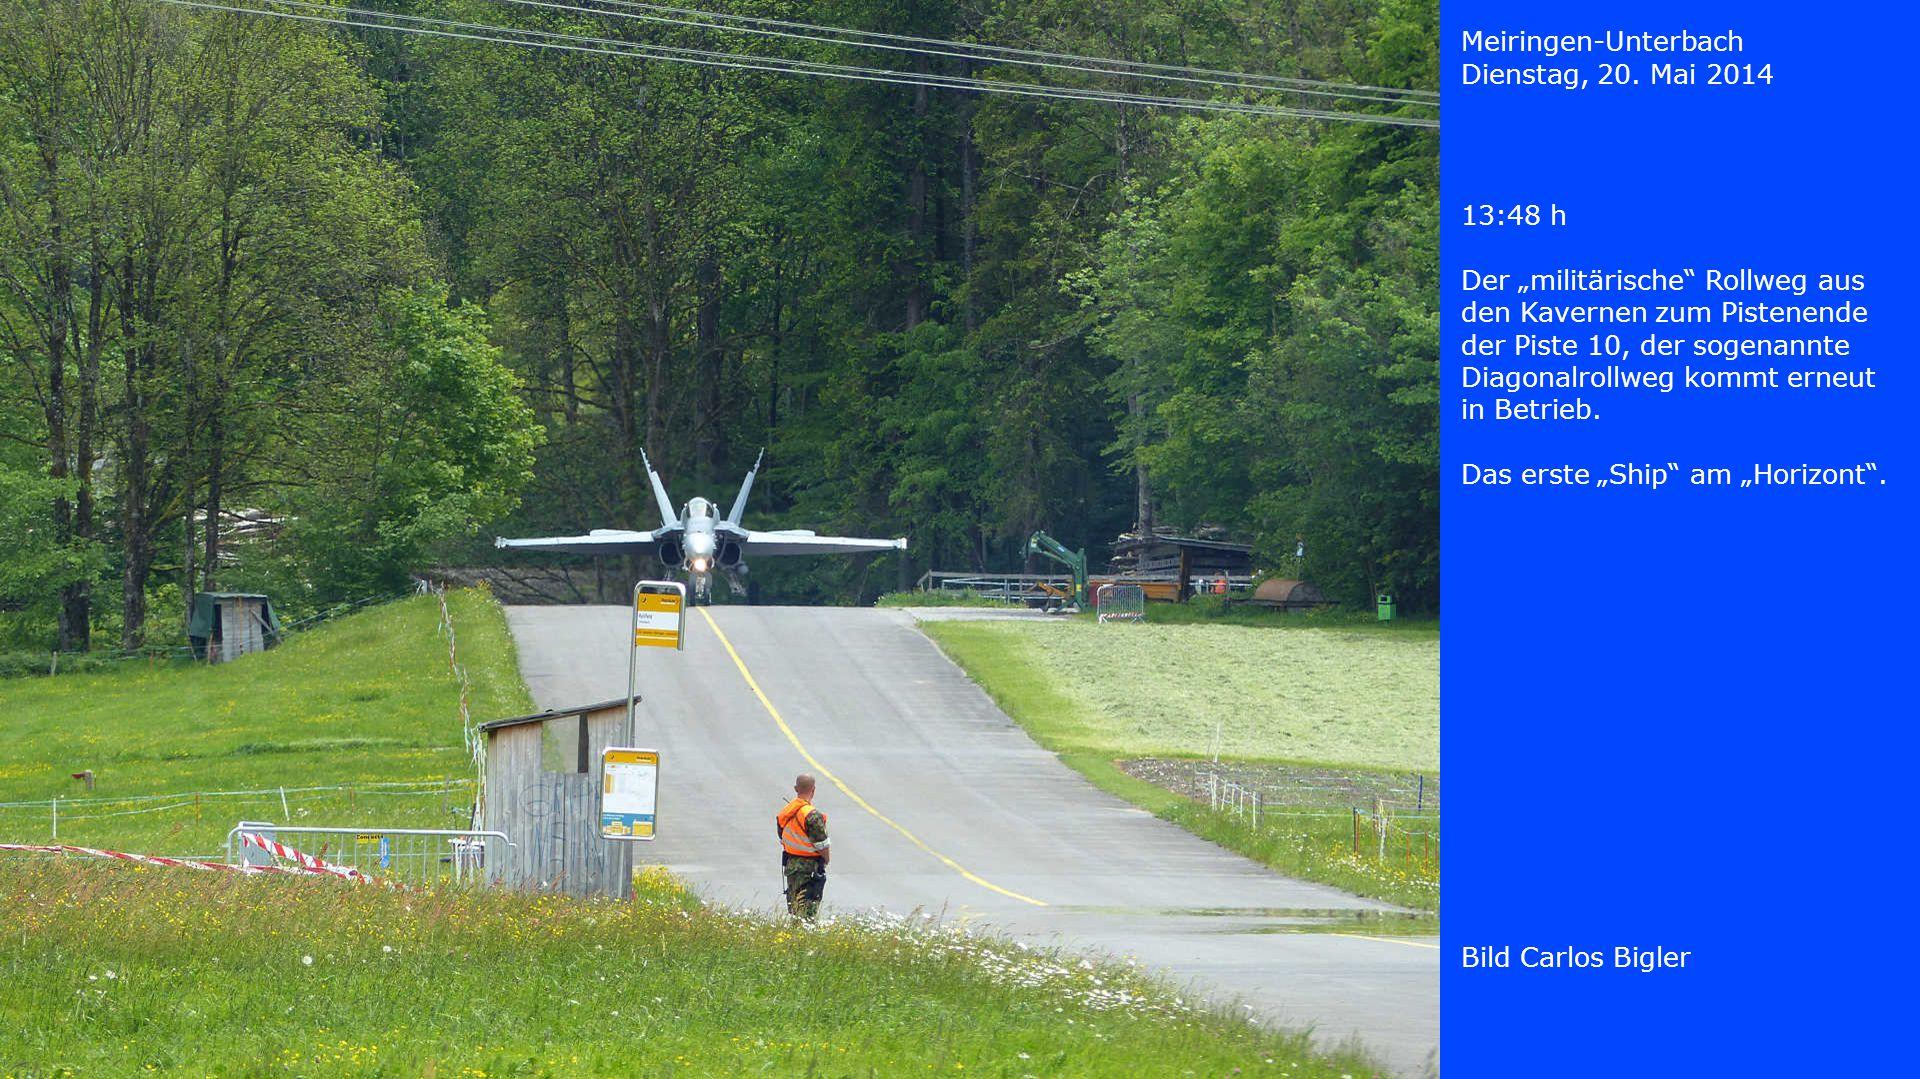 """Meiringen-Unterbach Dienstag, 20. Mai 2014. 13:48 h. Der """"militärische Rollweg aus den Kavernen zum Pistenende."""